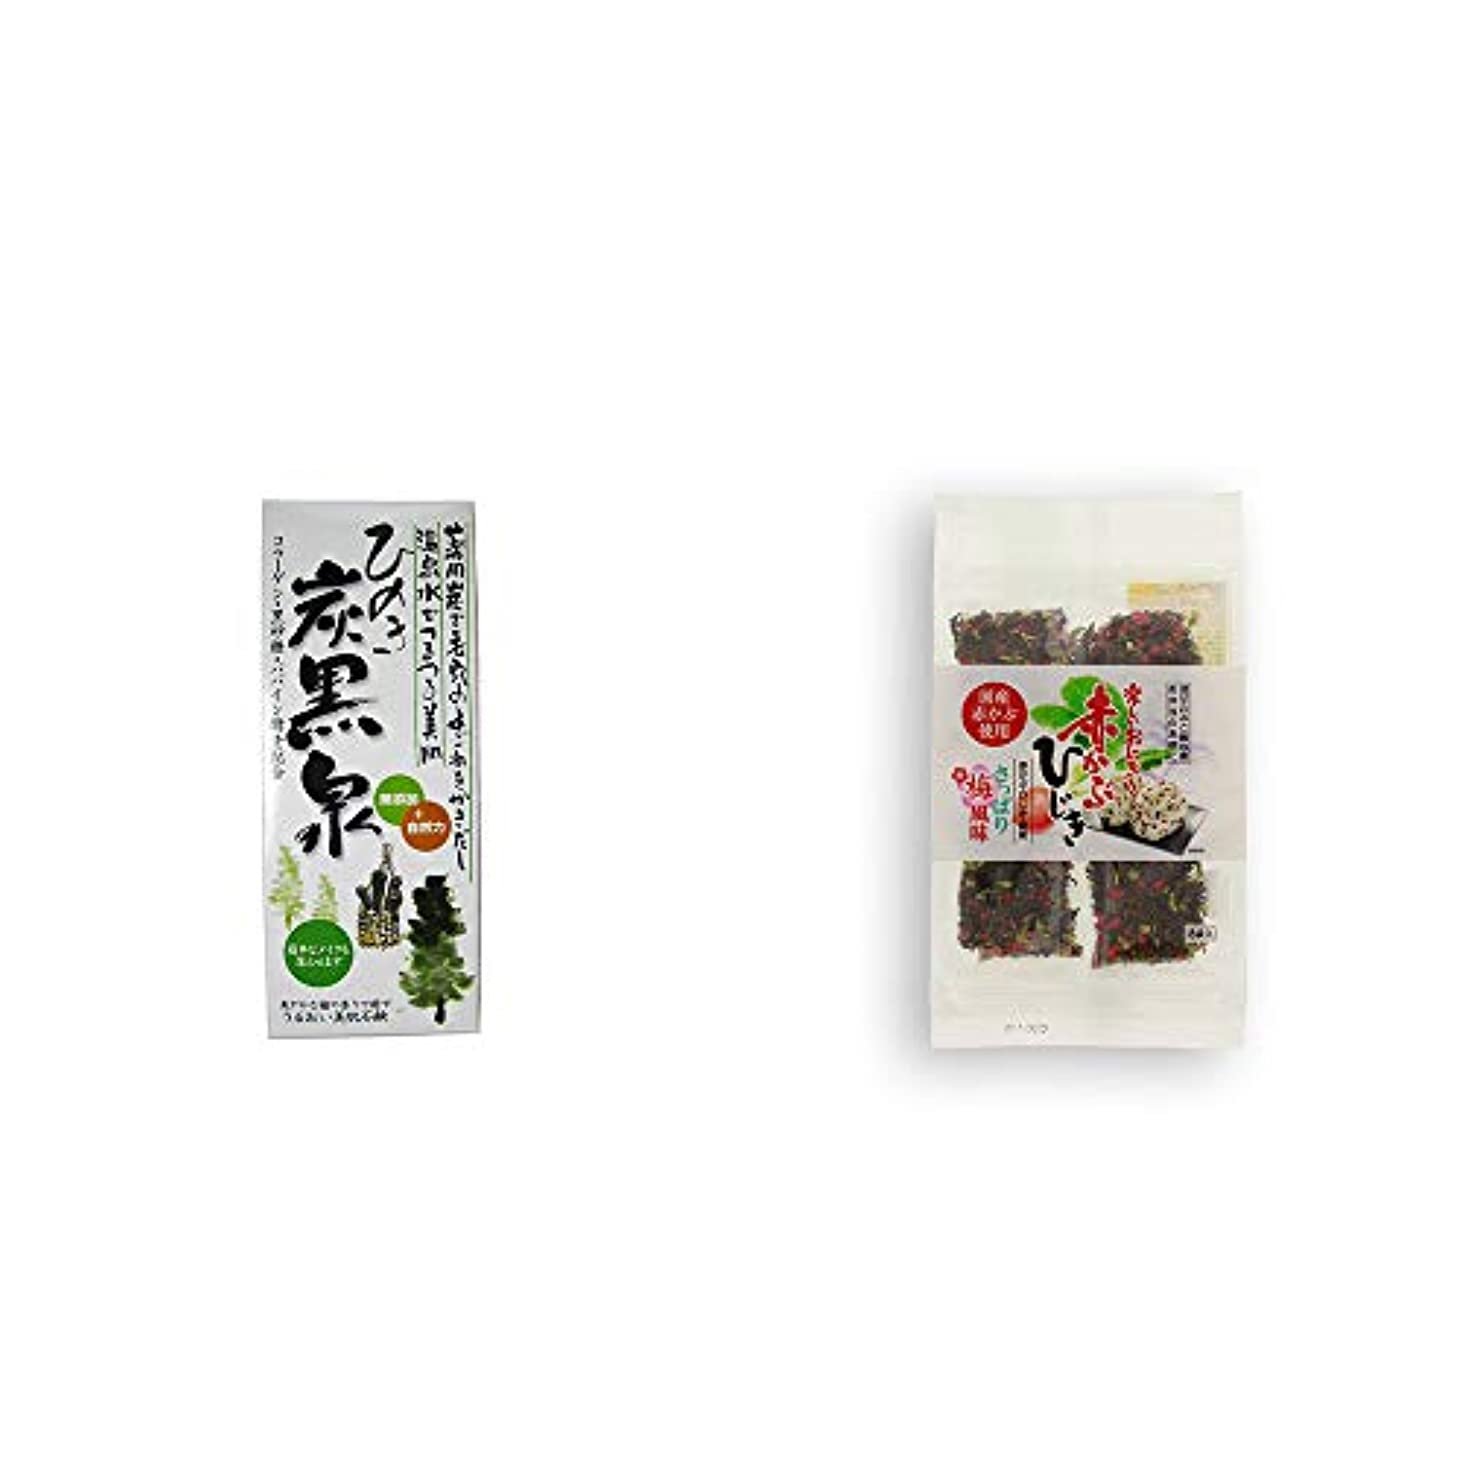 高齢者資源ソーシャル[2点セット] ひのき炭黒泉 箱入り(75g×3)?楽しいおにぎり 赤かぶひじき(8g×8袋)